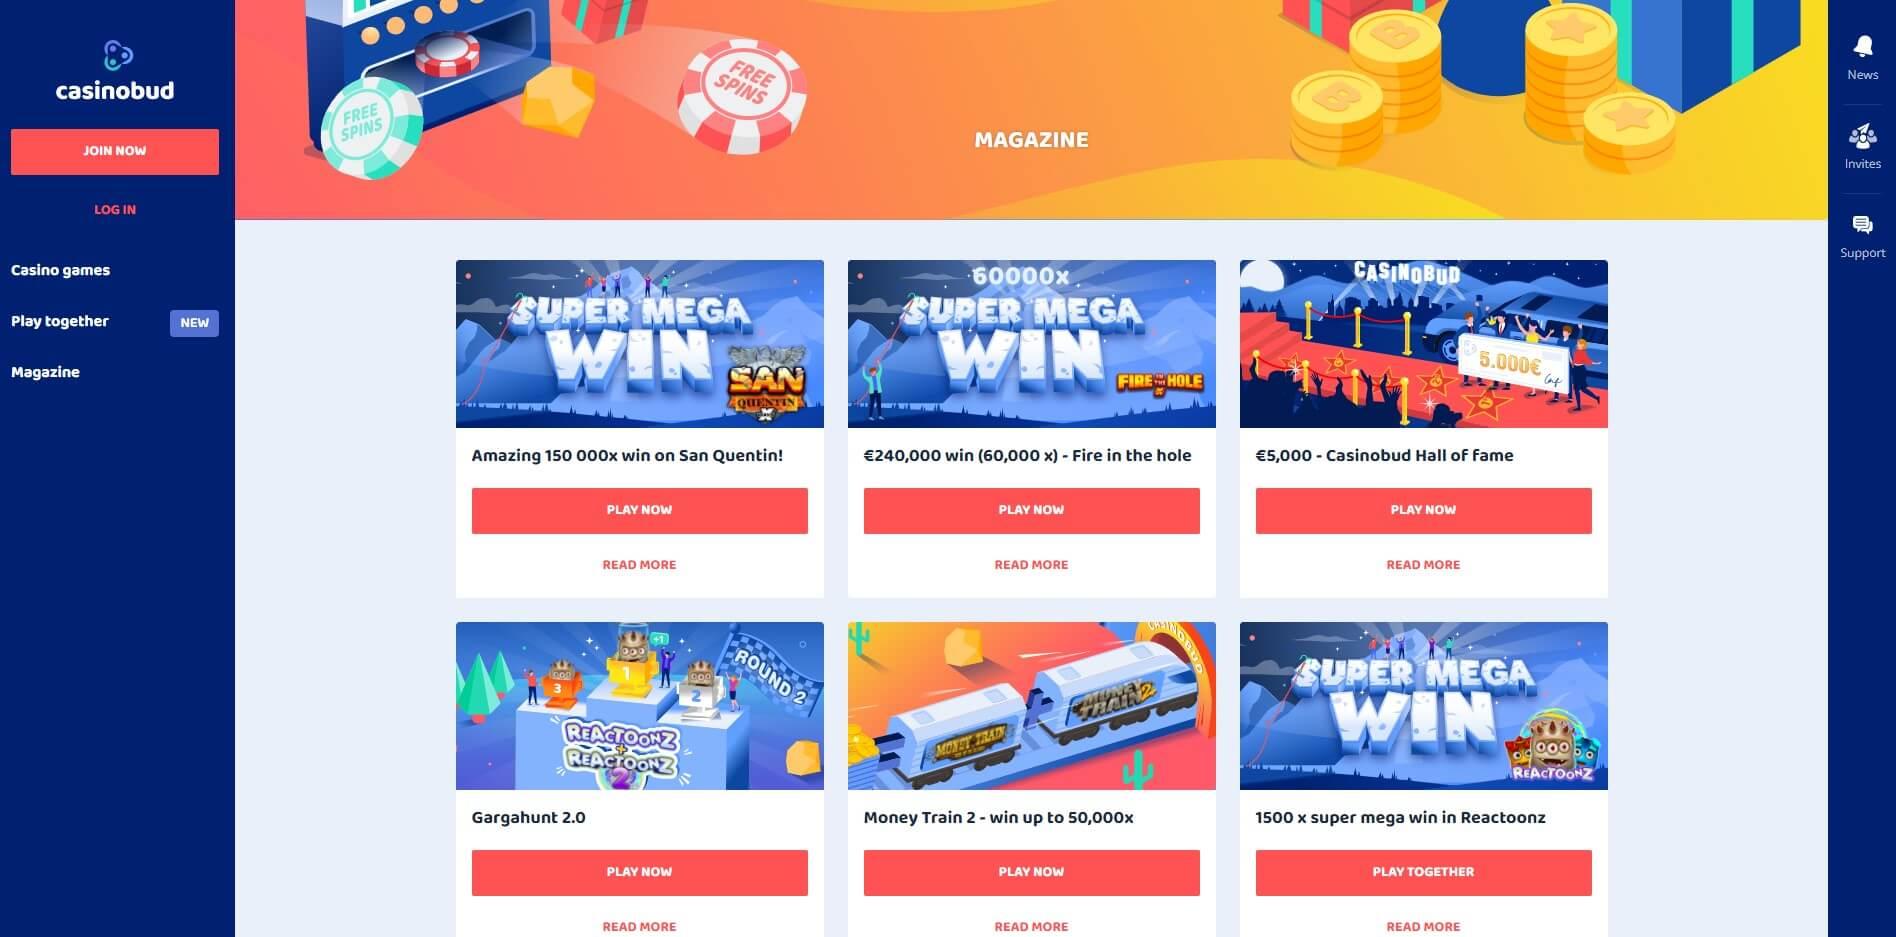 Promotions at CasinoBud